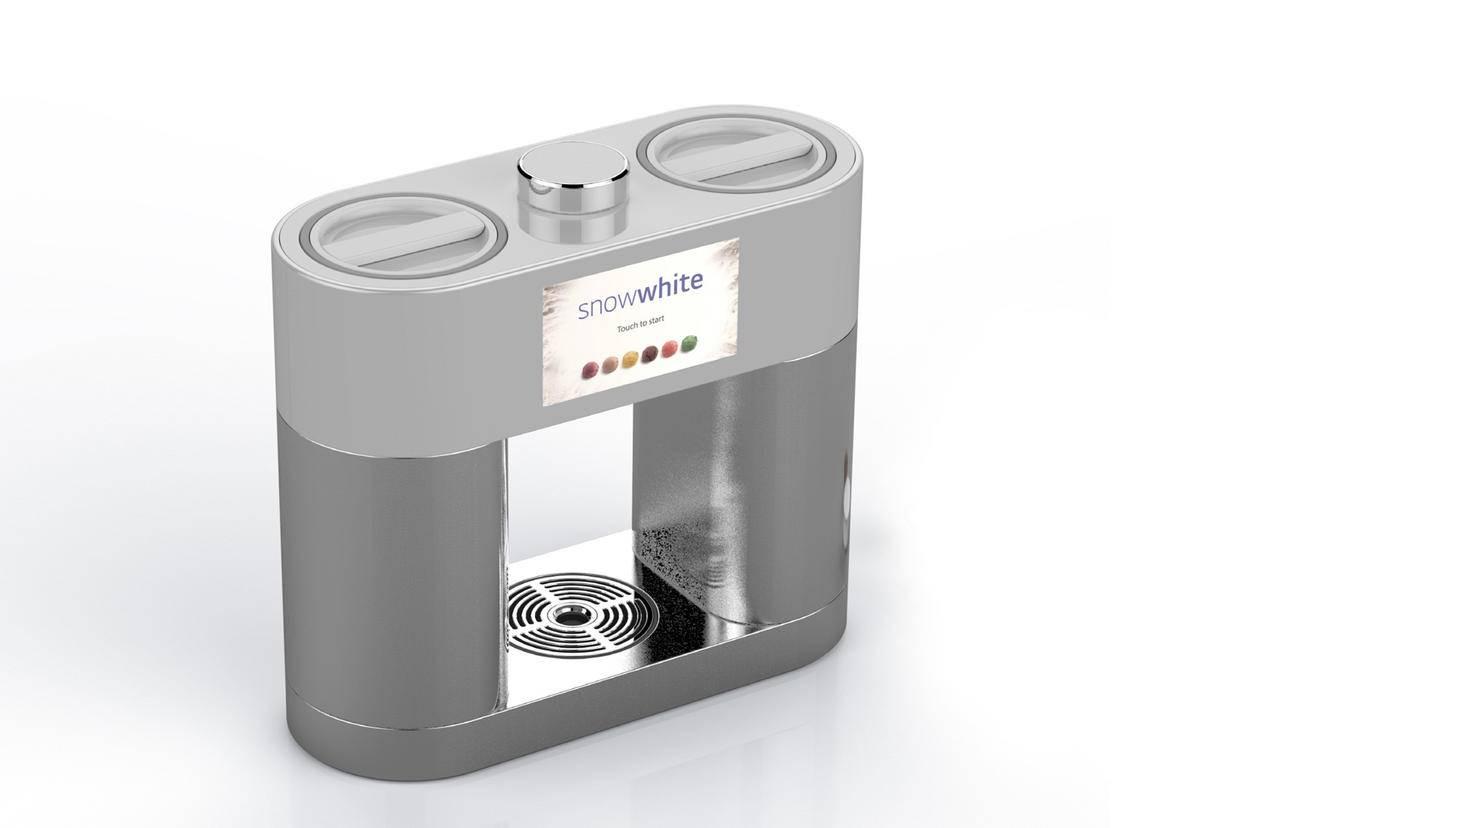 Die Kapselmaschine erinnert optisch an einen Kaffeeautomaten.